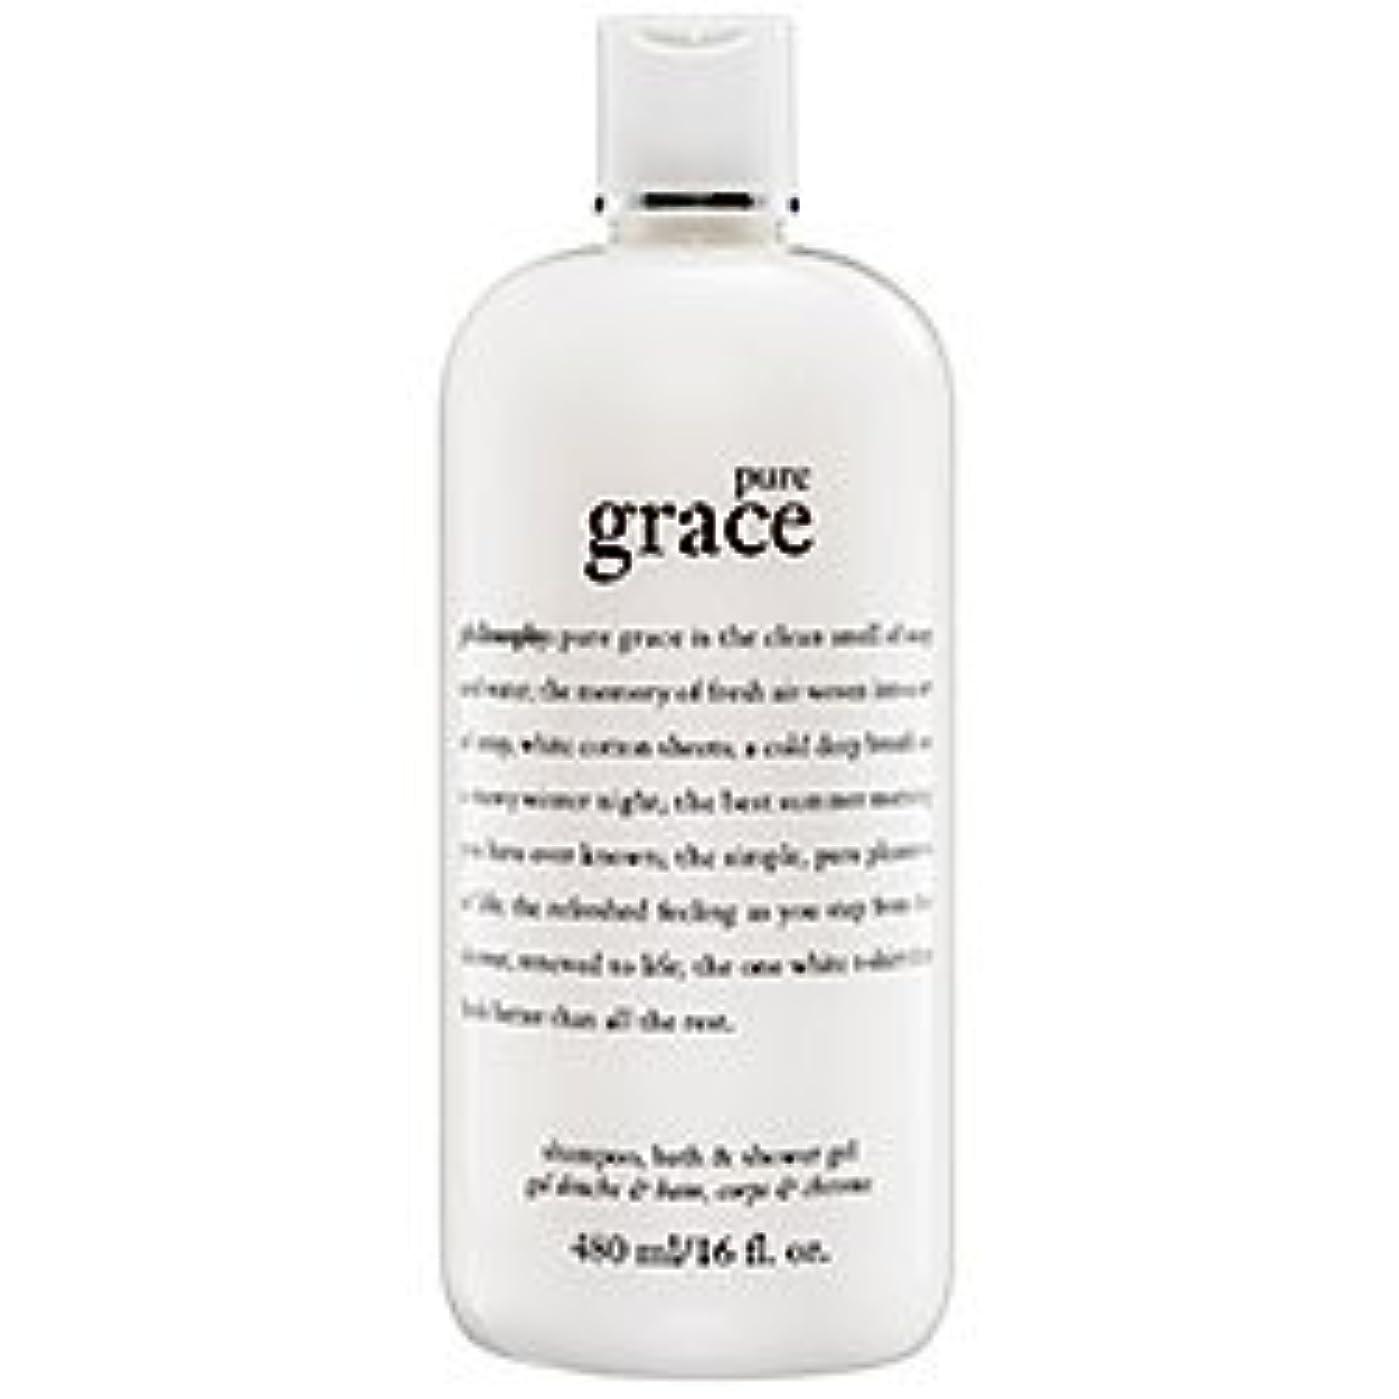 磁石コンクリート不忠pure grace (ピュアグレイス ) 16.0 oz (480ml) foaming bath and shower gel for Women